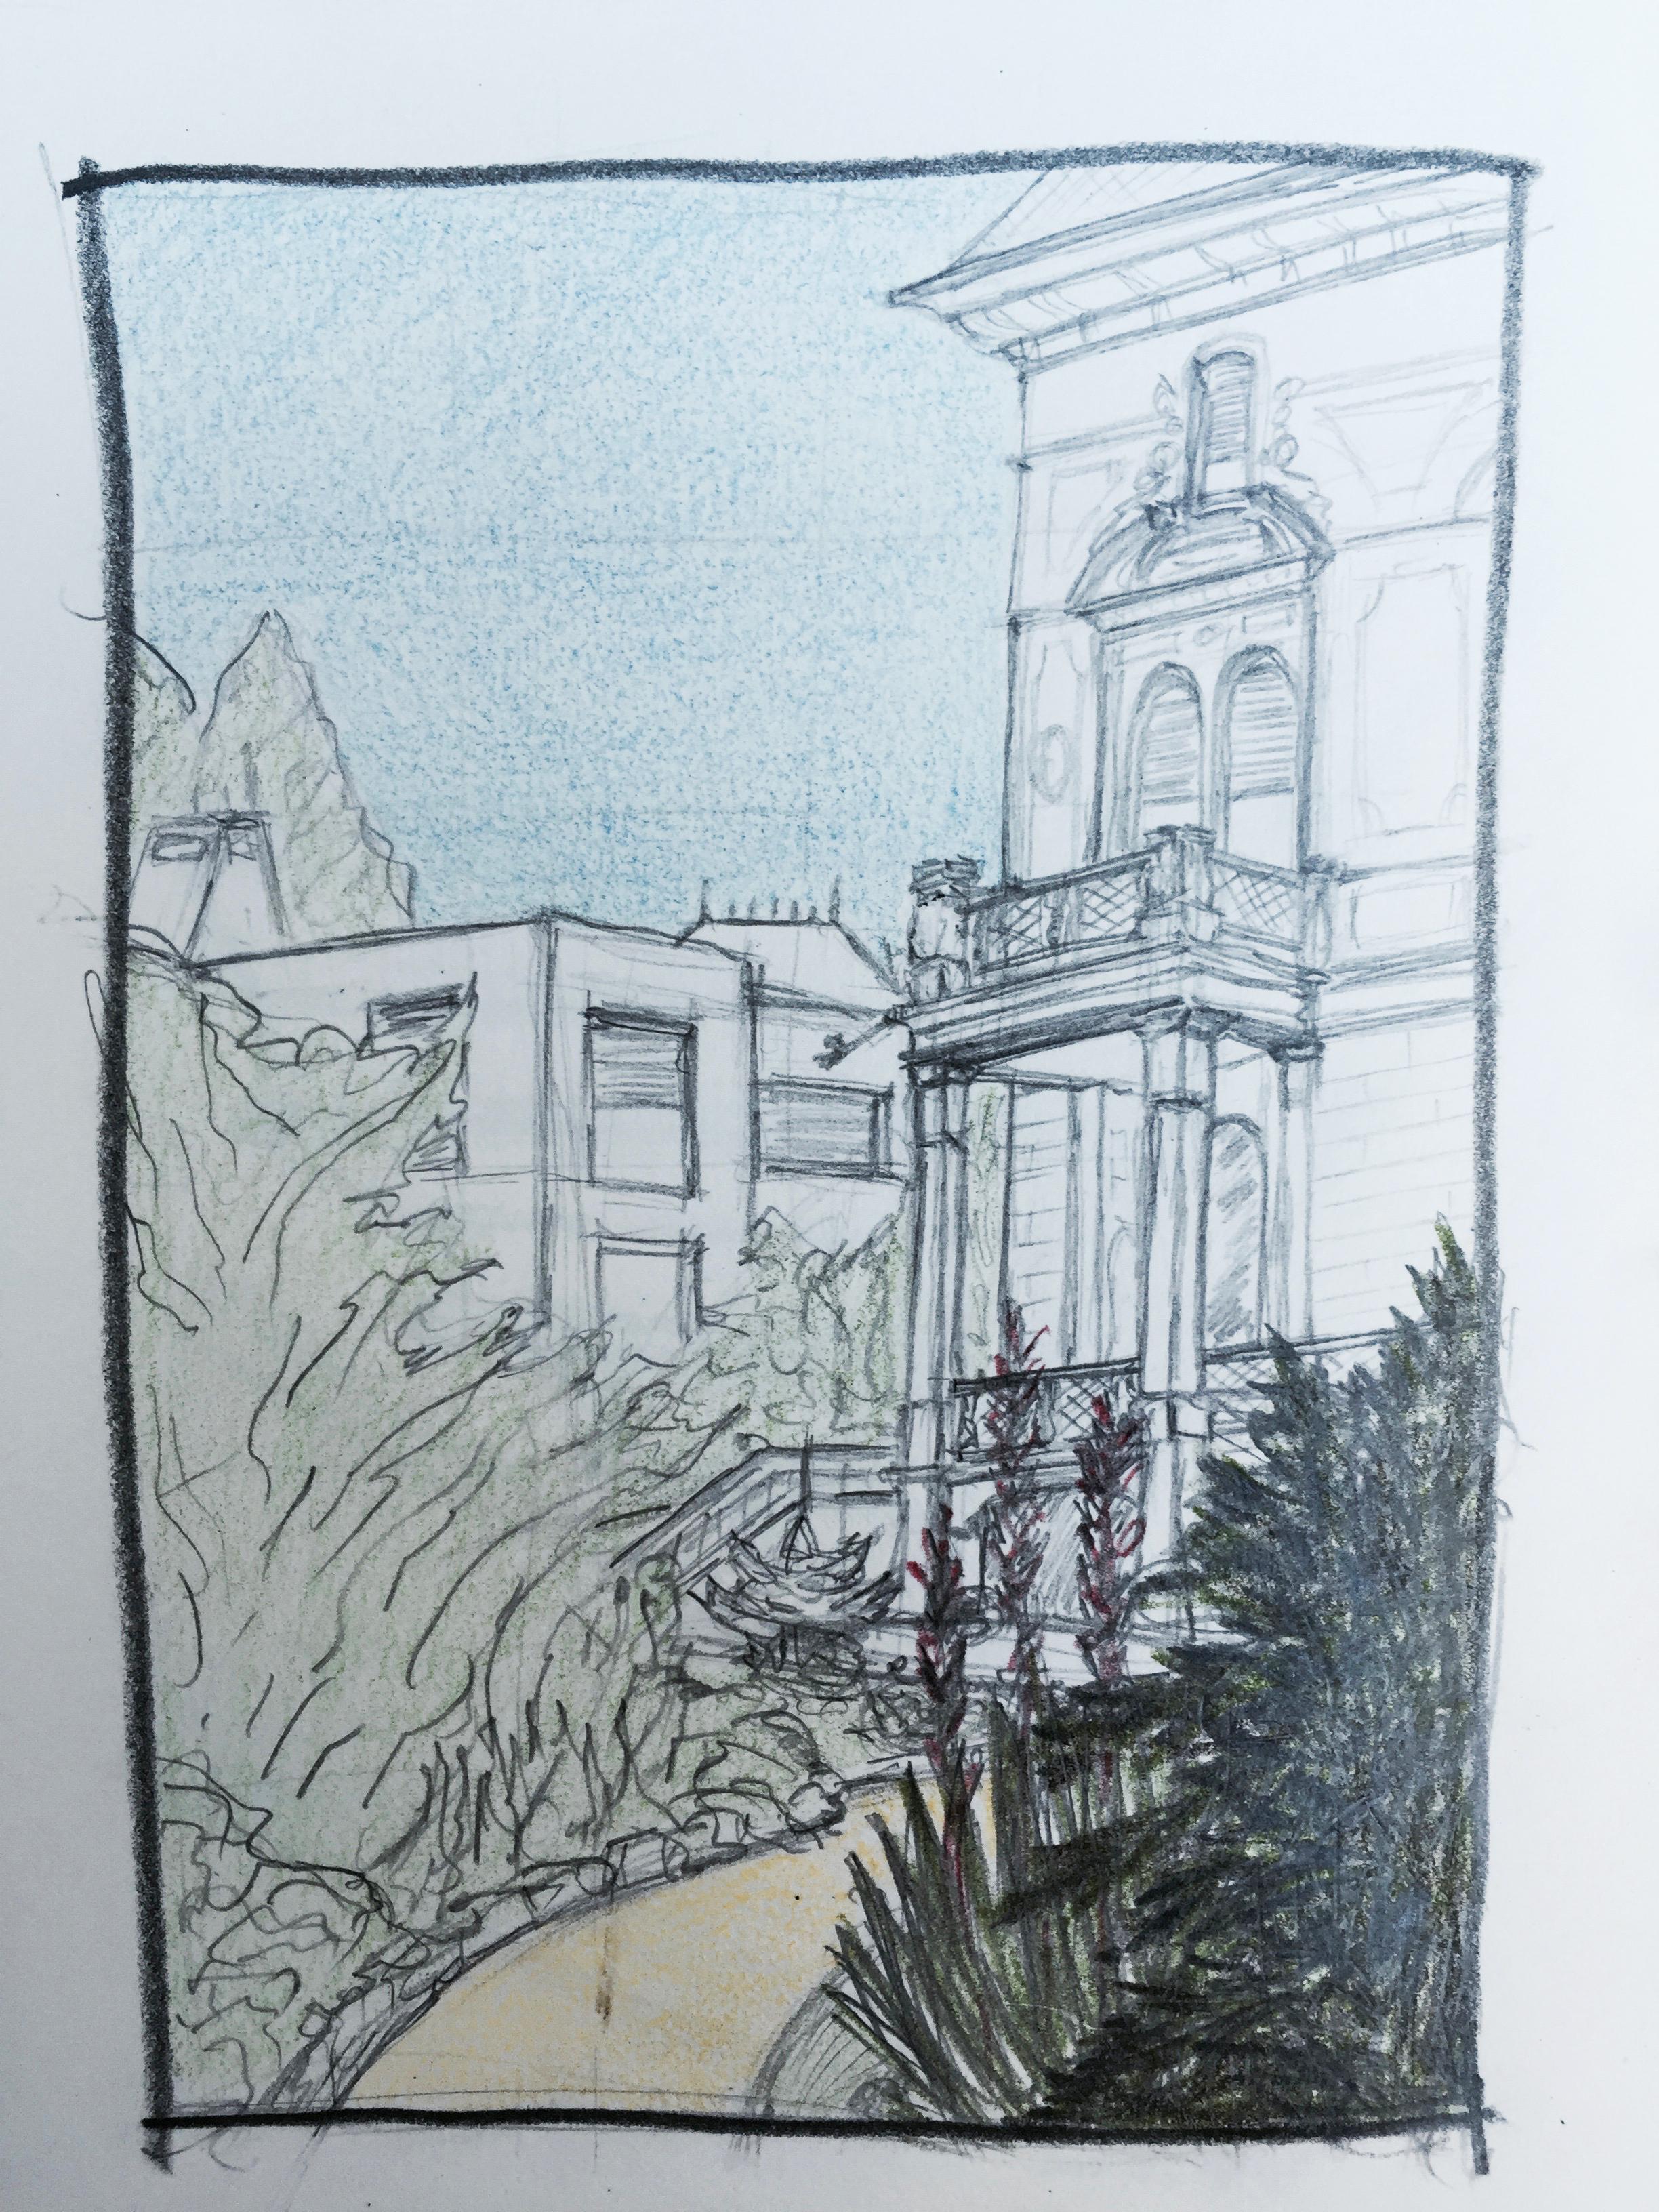 Carolin Schmidt, Villa Patumbah,Astrid Amadeo, Urban Sketching, Blog, Astrid Schmid, Zeichnen in Zürich